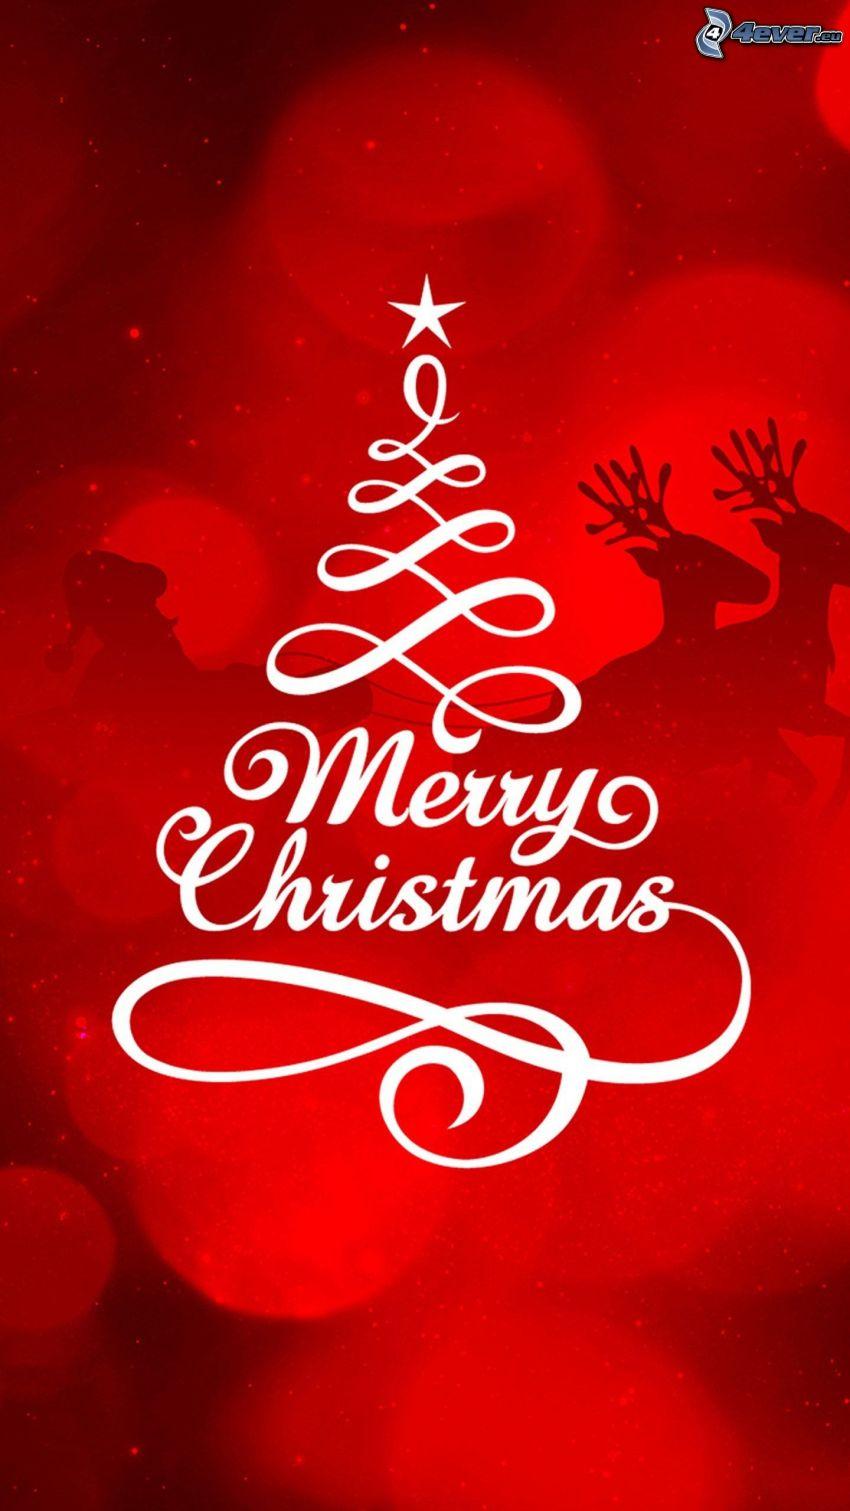 Merry Christmas, rénszarvasok, szán, Santa Claus, sziluettek, karácsonyfa, piros háttér